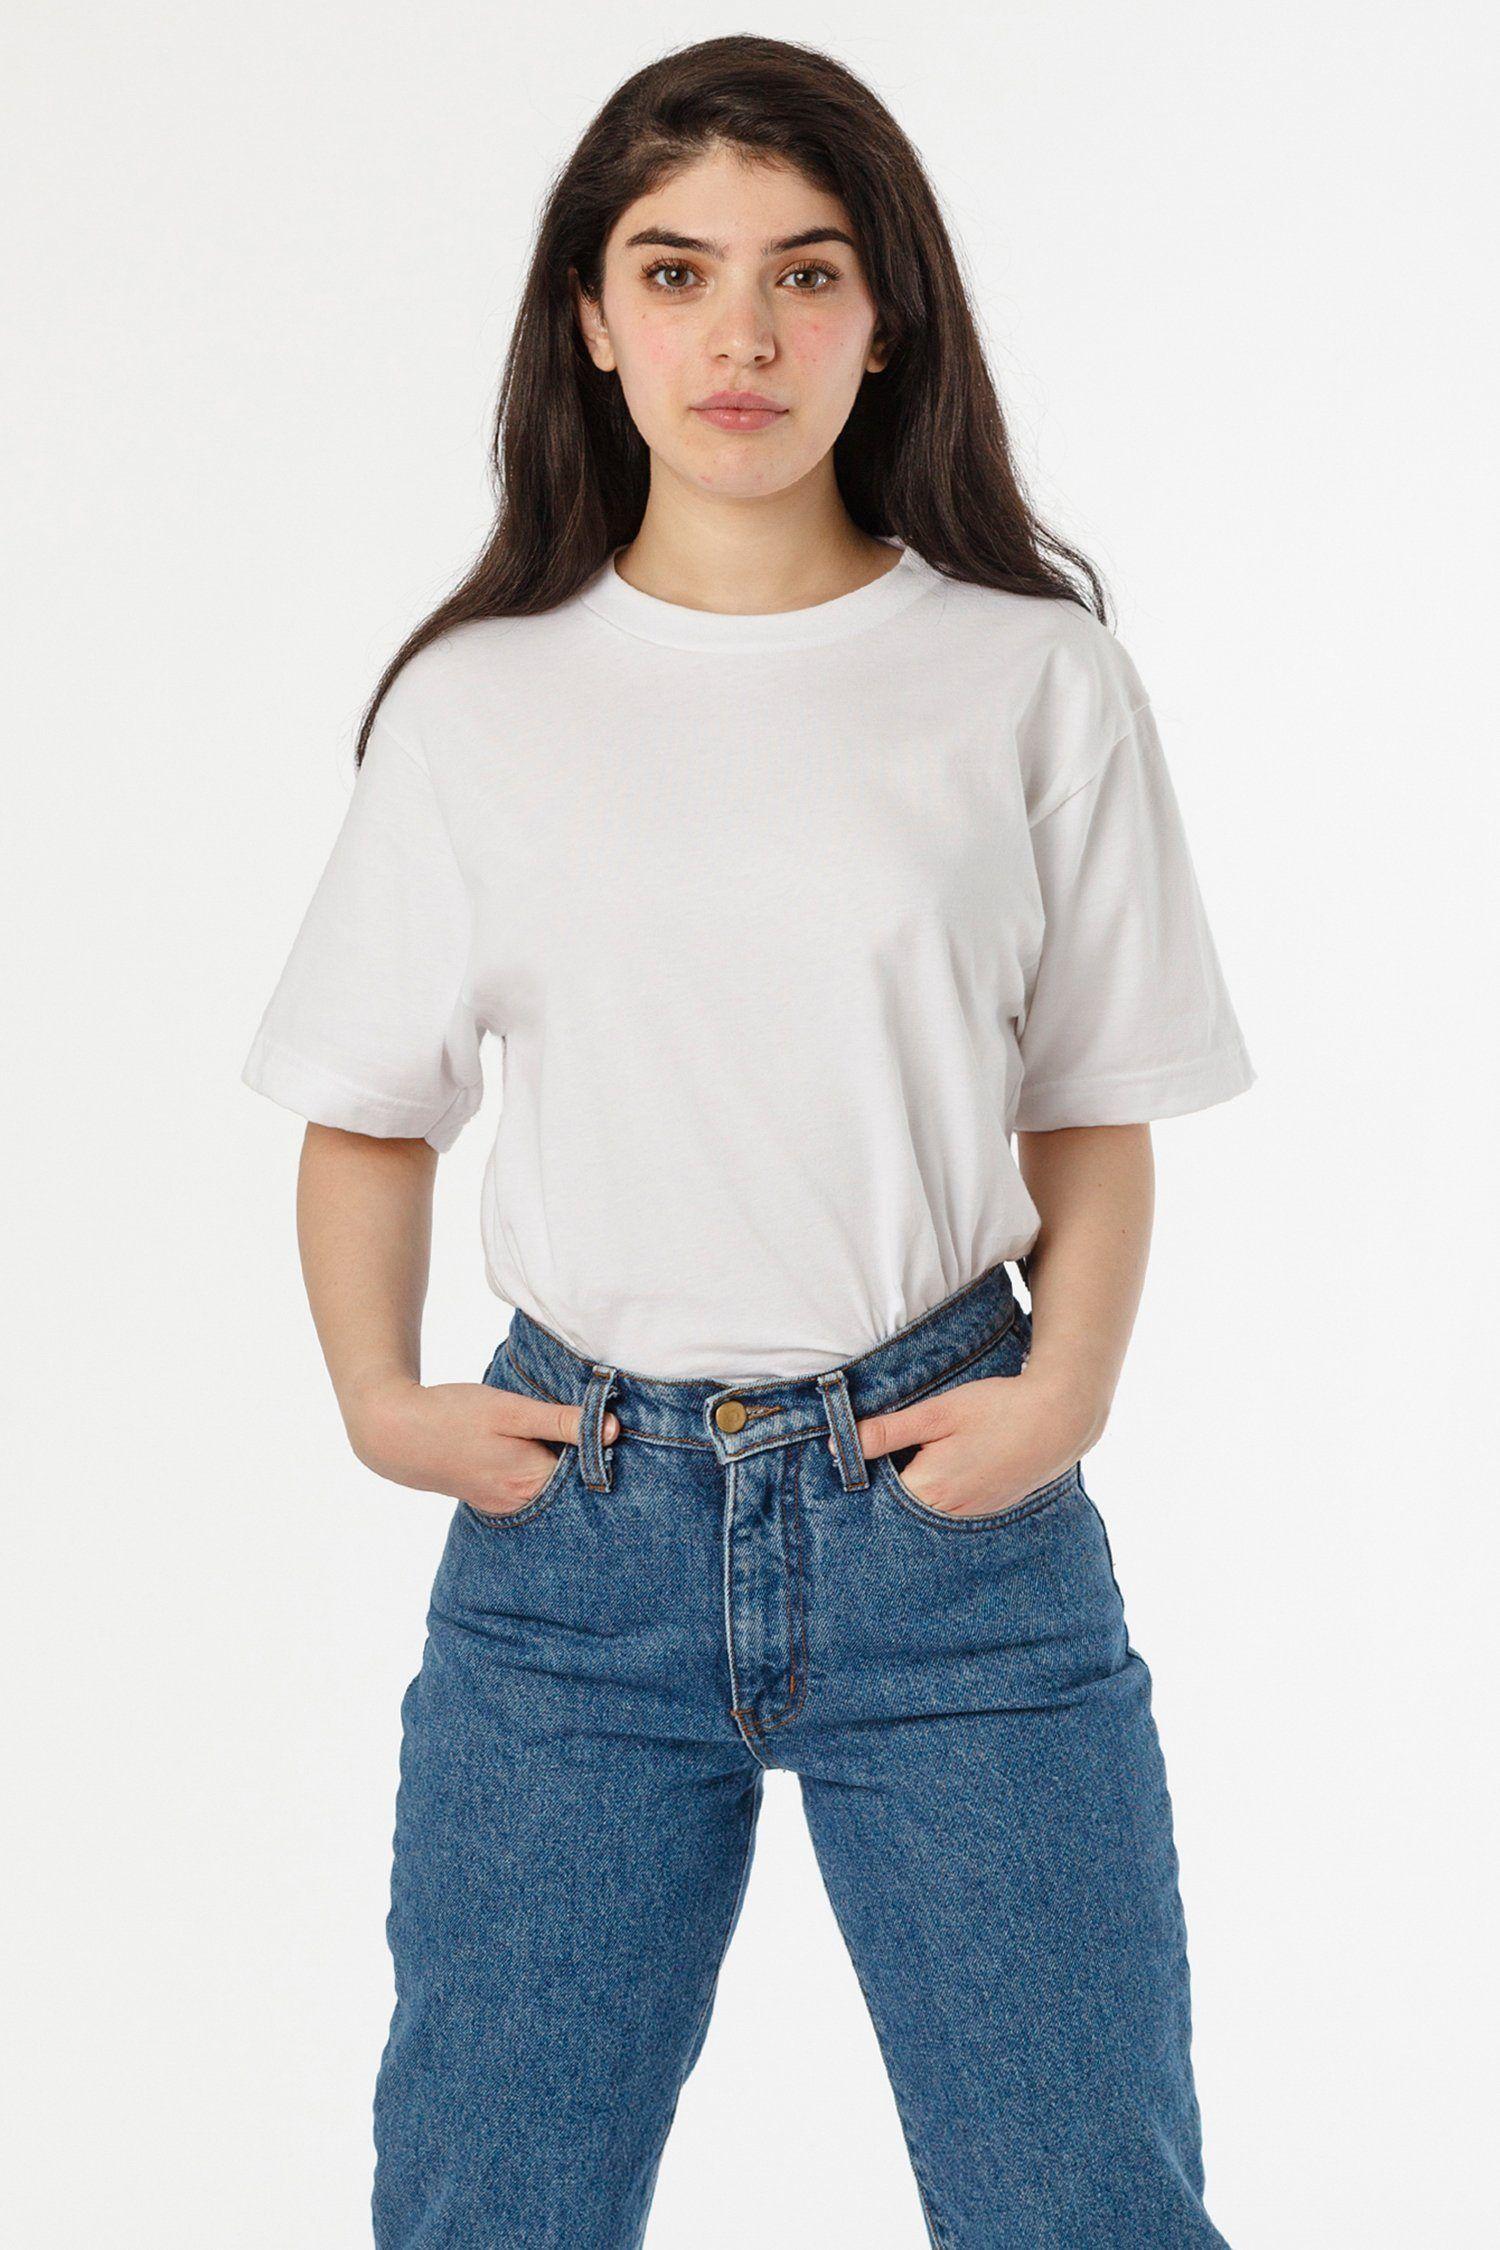 2017 Unisex 6 0oz Crew Neck Heavy Combed Cotton T Shirt In 2020 Cotton Tshirt Combed Cotton Clothes Design